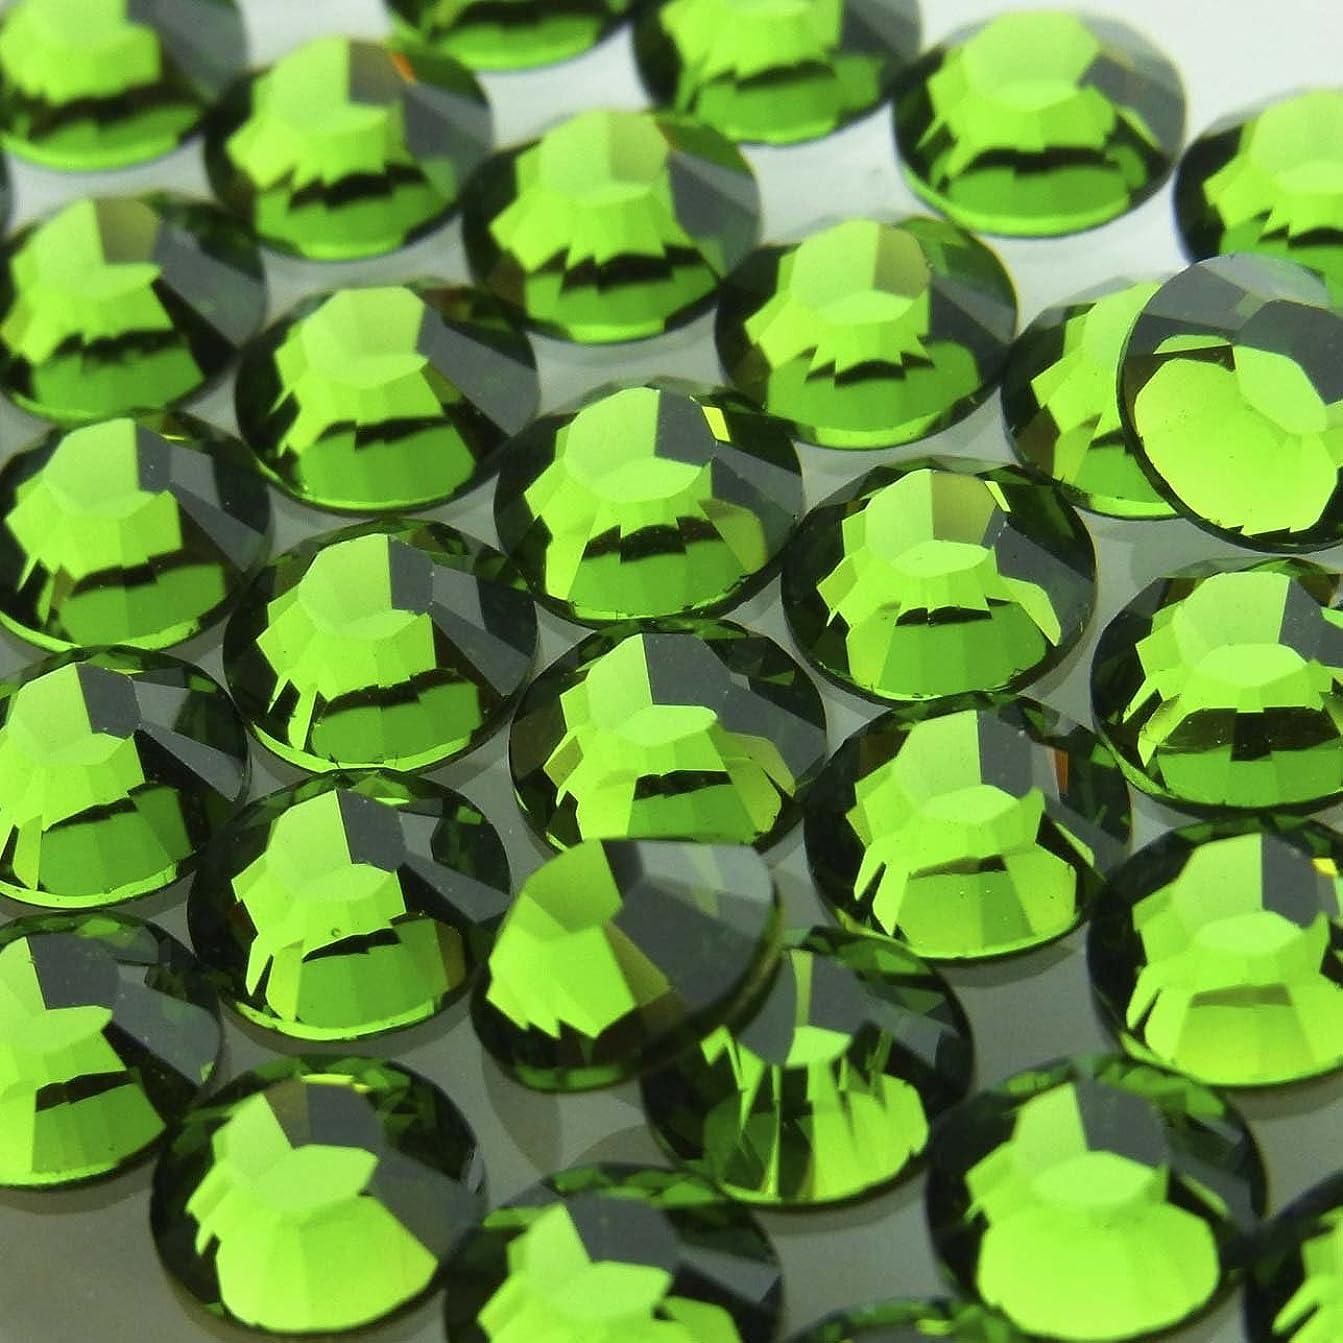 マットアイスクリームクリケットHotfixファーングリーンss16(100粒入り)スワロフスキーラインストーンホットフィックス